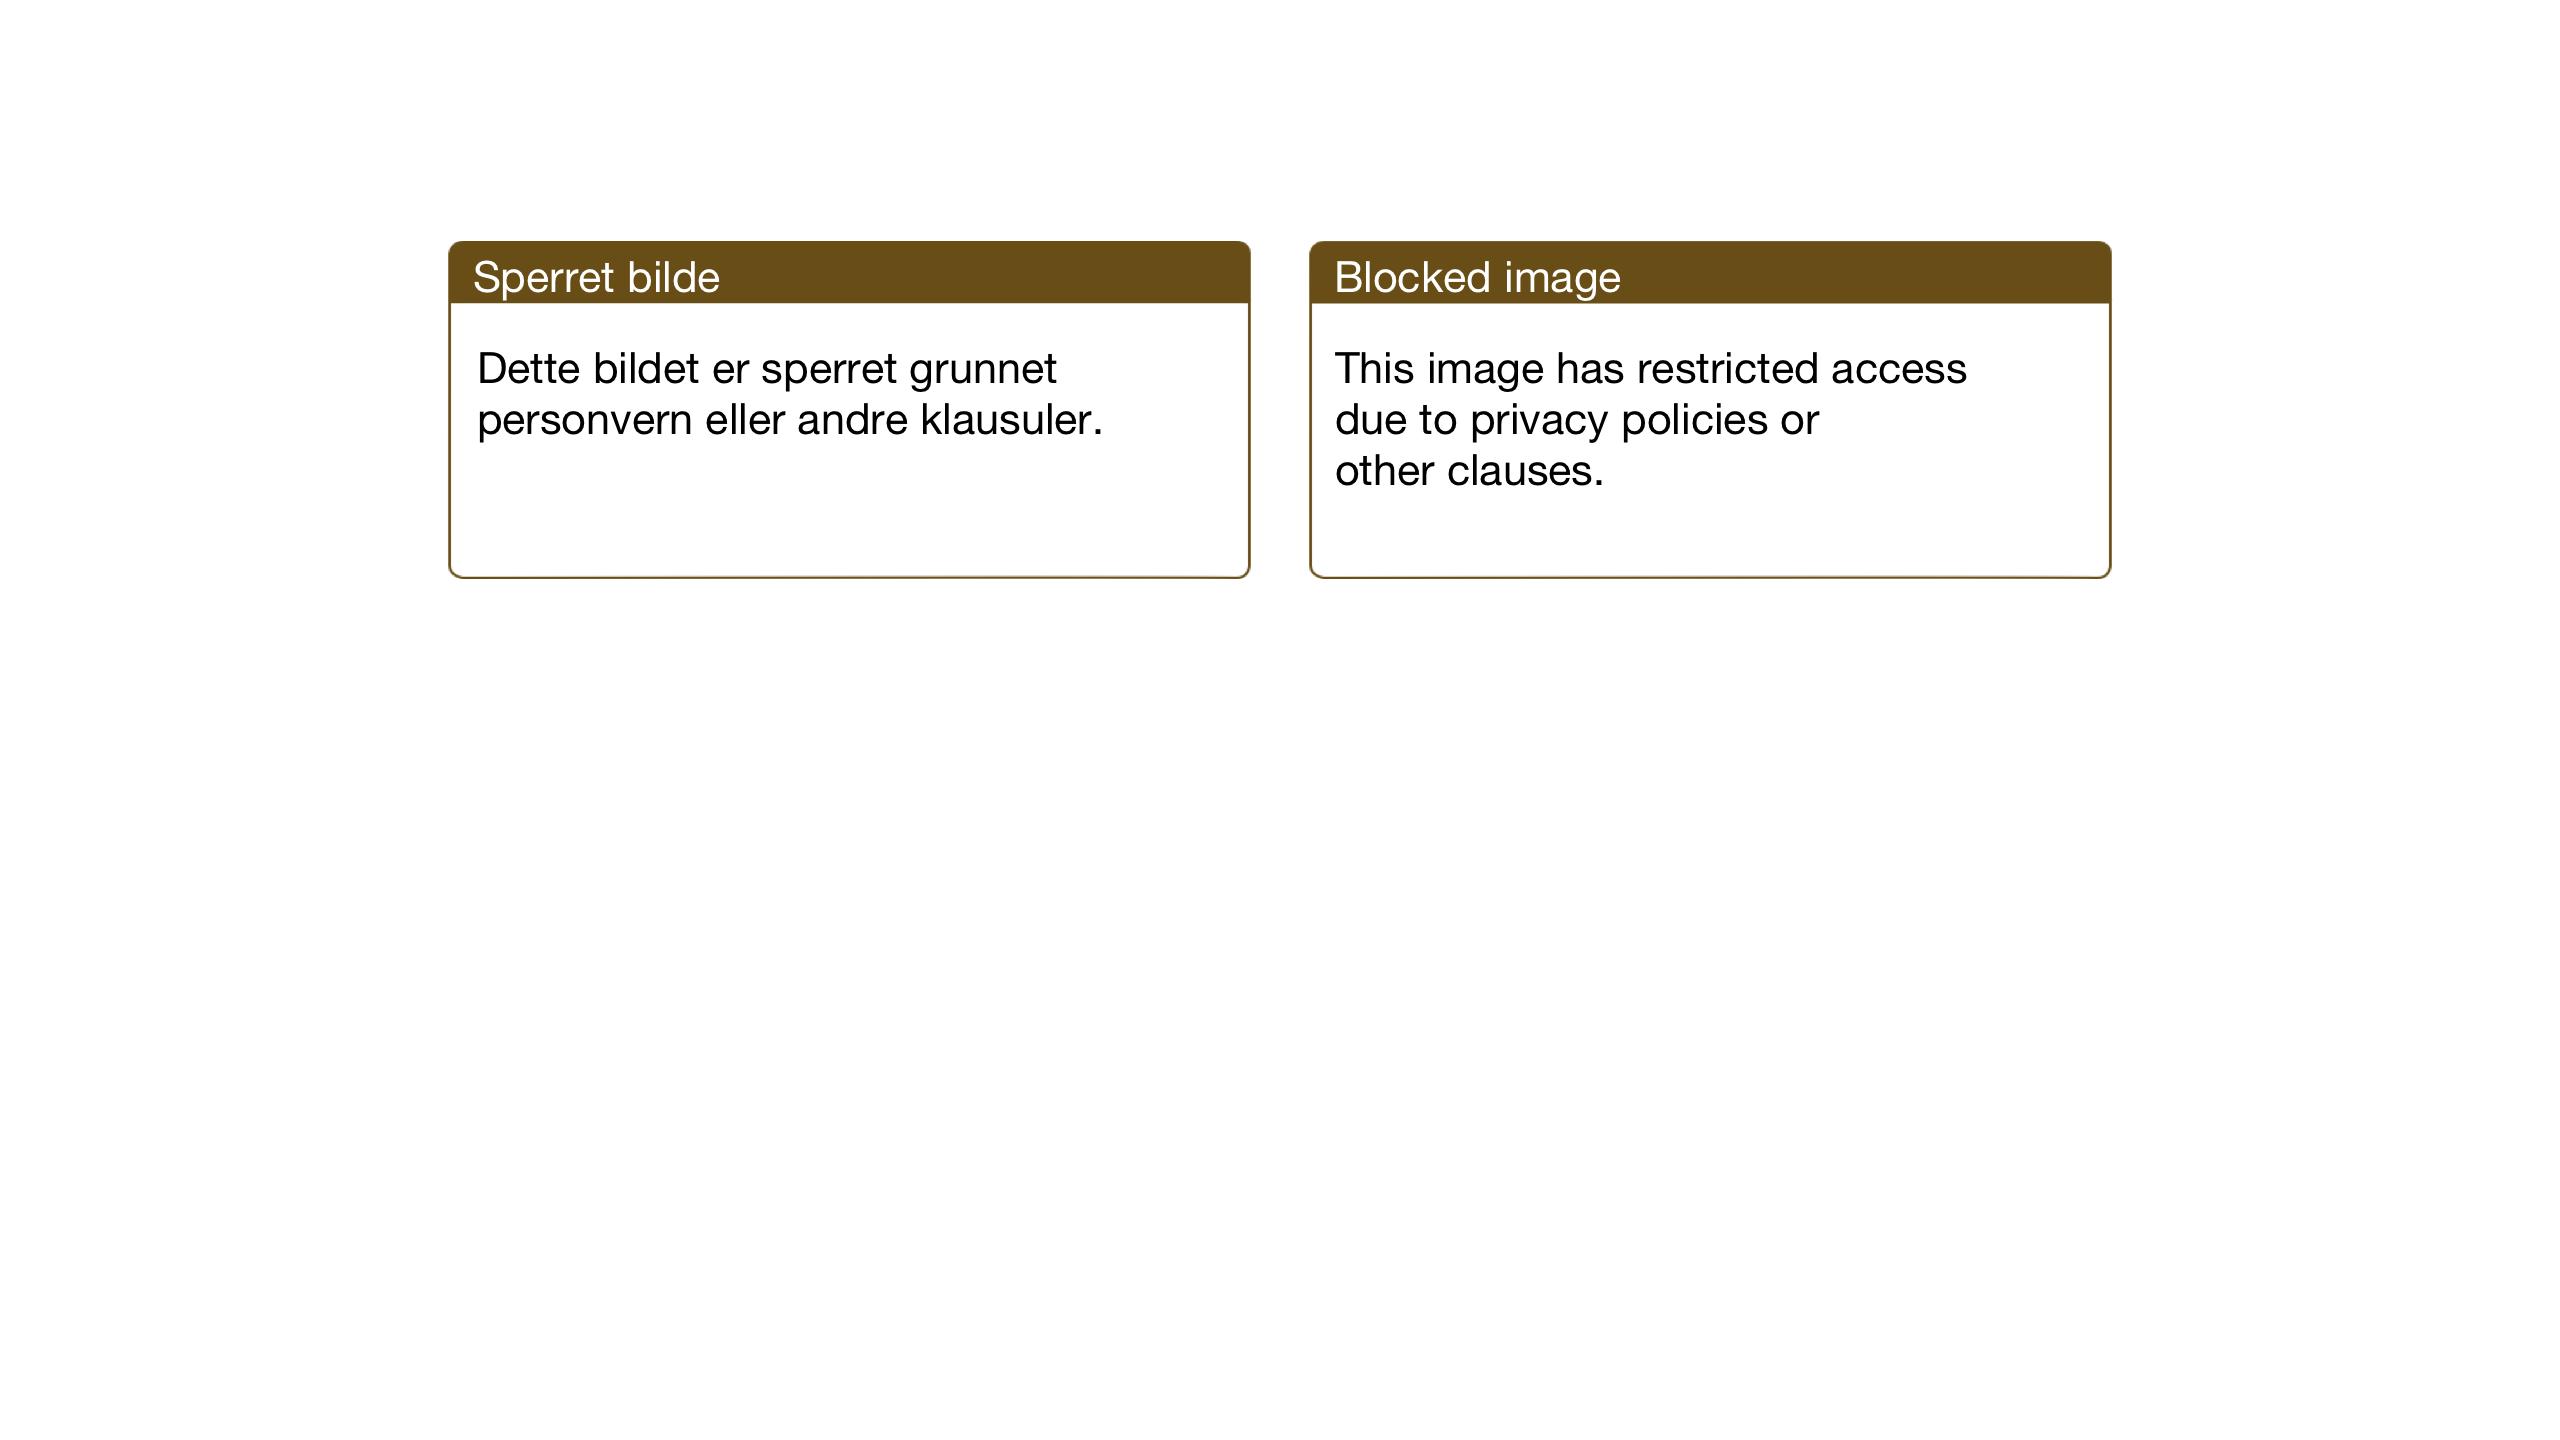 RA, Justisdepartementet, Sivilavdelingen (RA/S-6490), 2000, s. 628